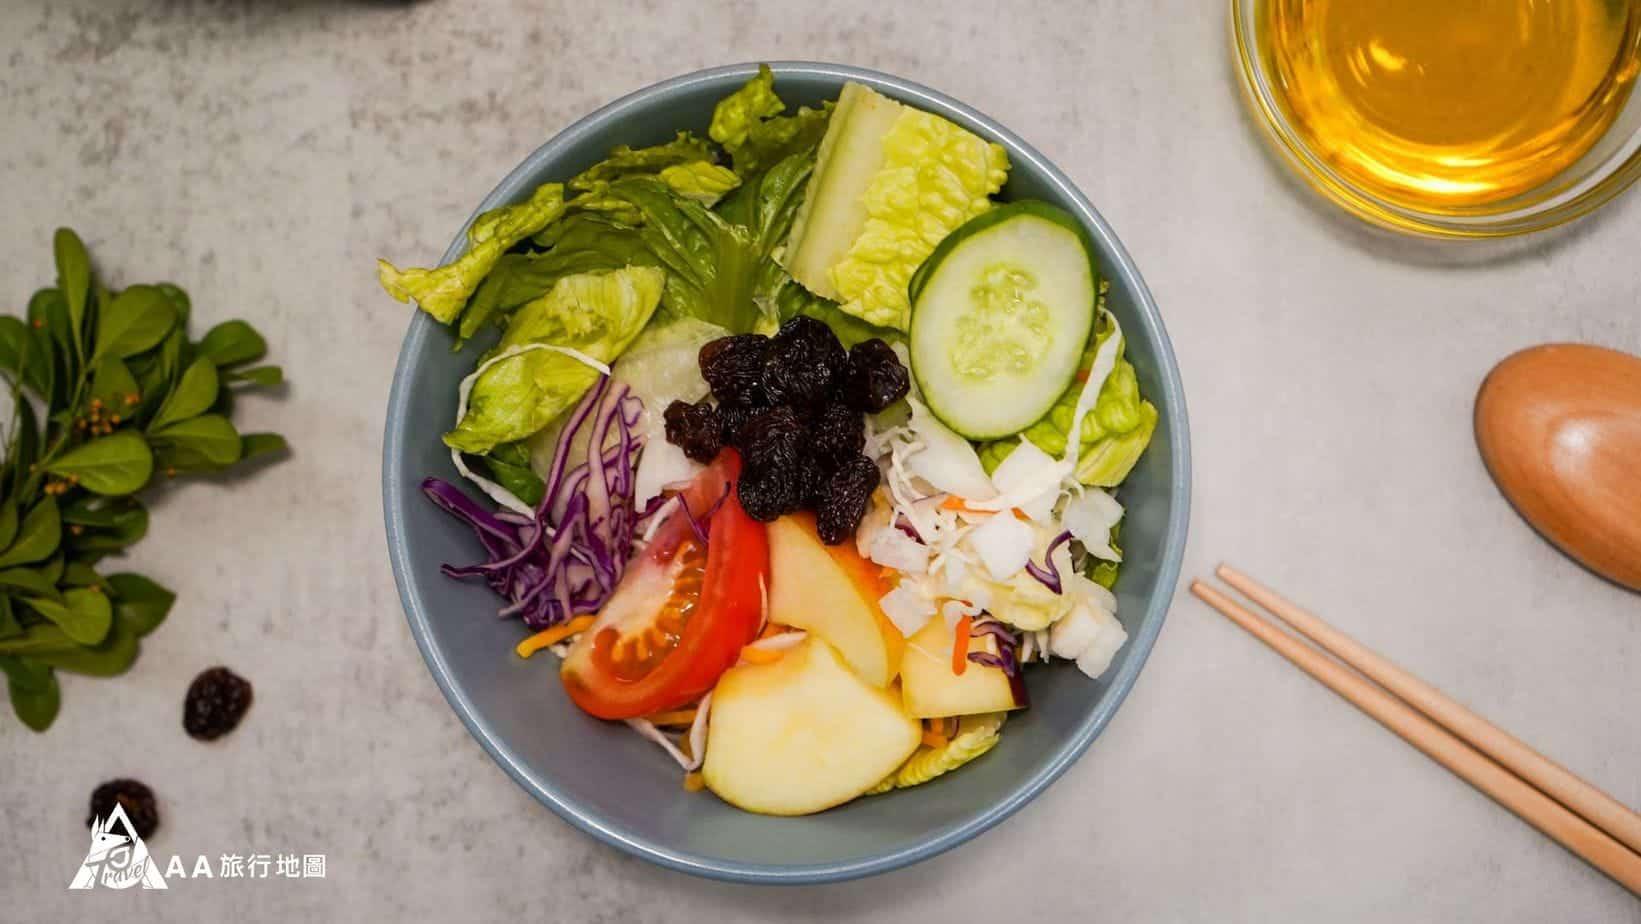 monini-初榨橄欖油搭配蔬菜